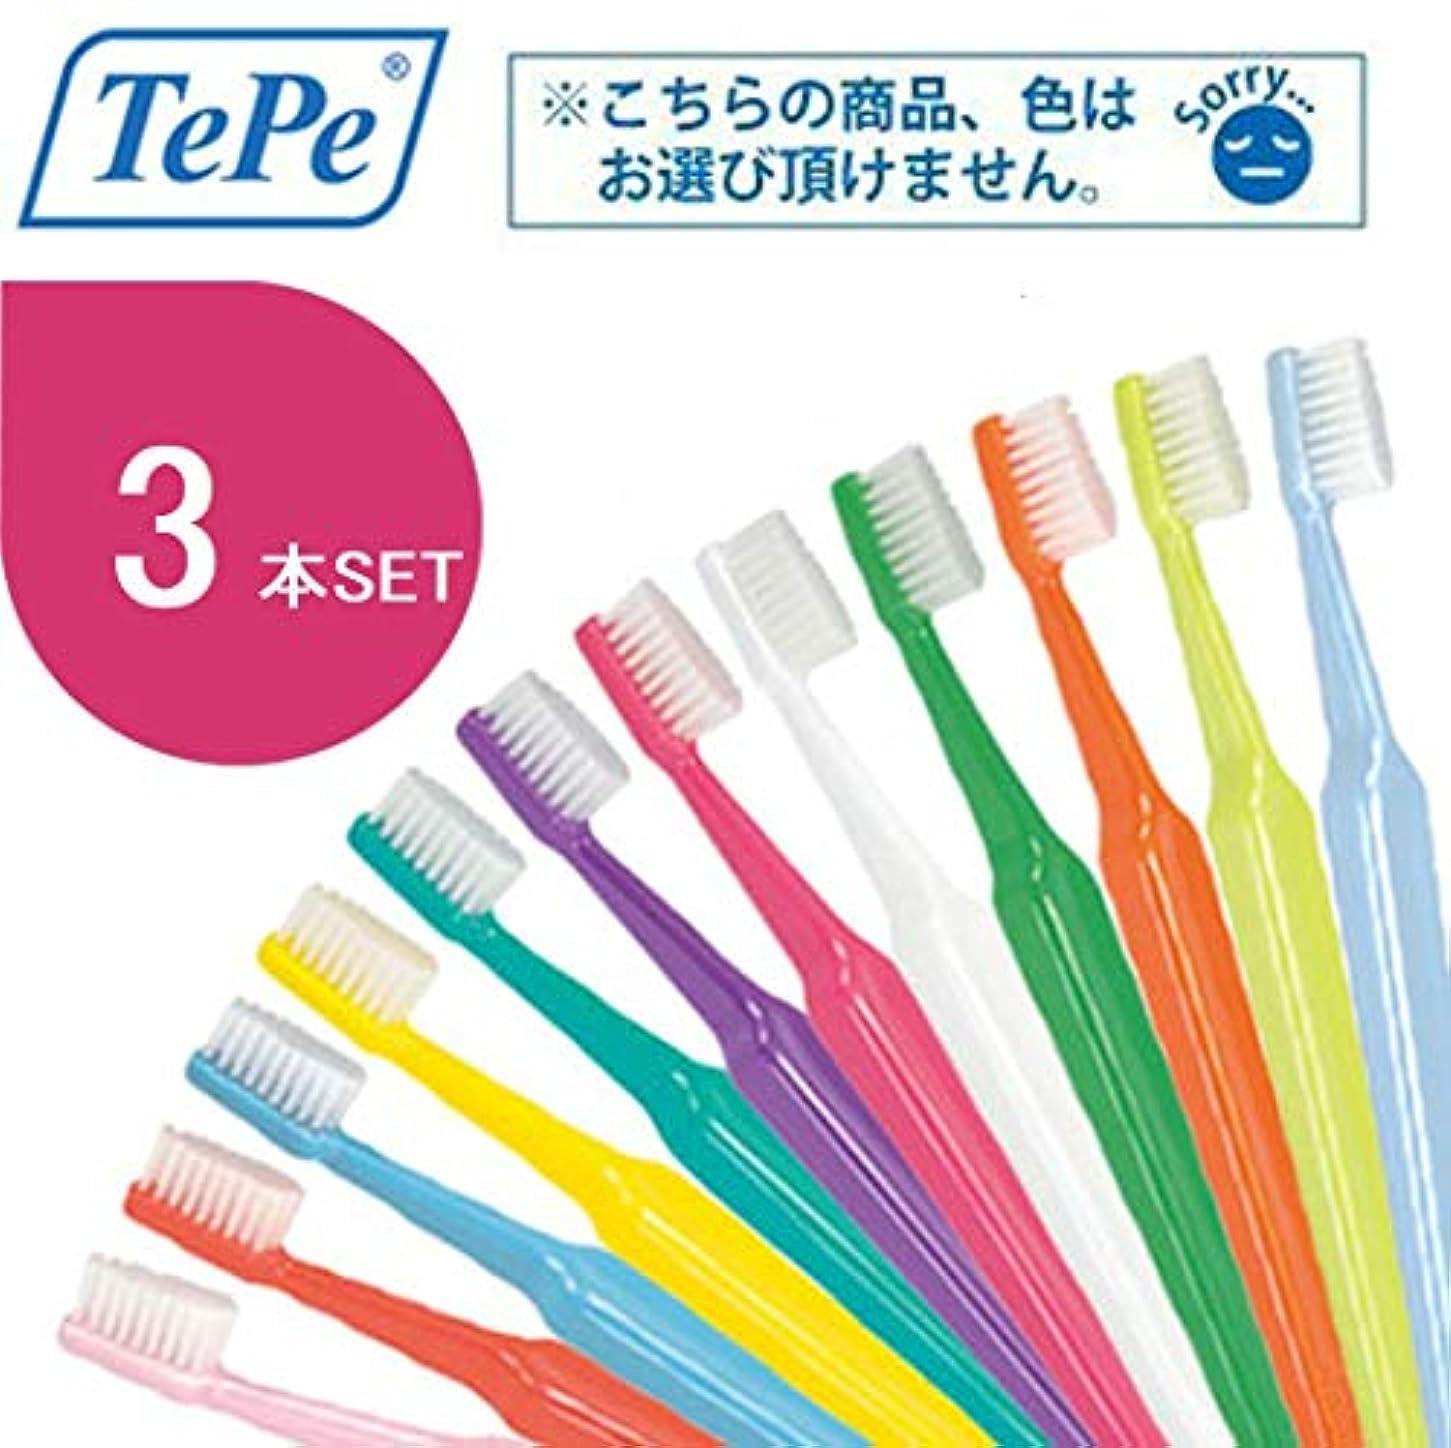 とても選挙社交的クロスフィールド TePe テペ セレクト 歯ブラシ 3本 (ミディアム)